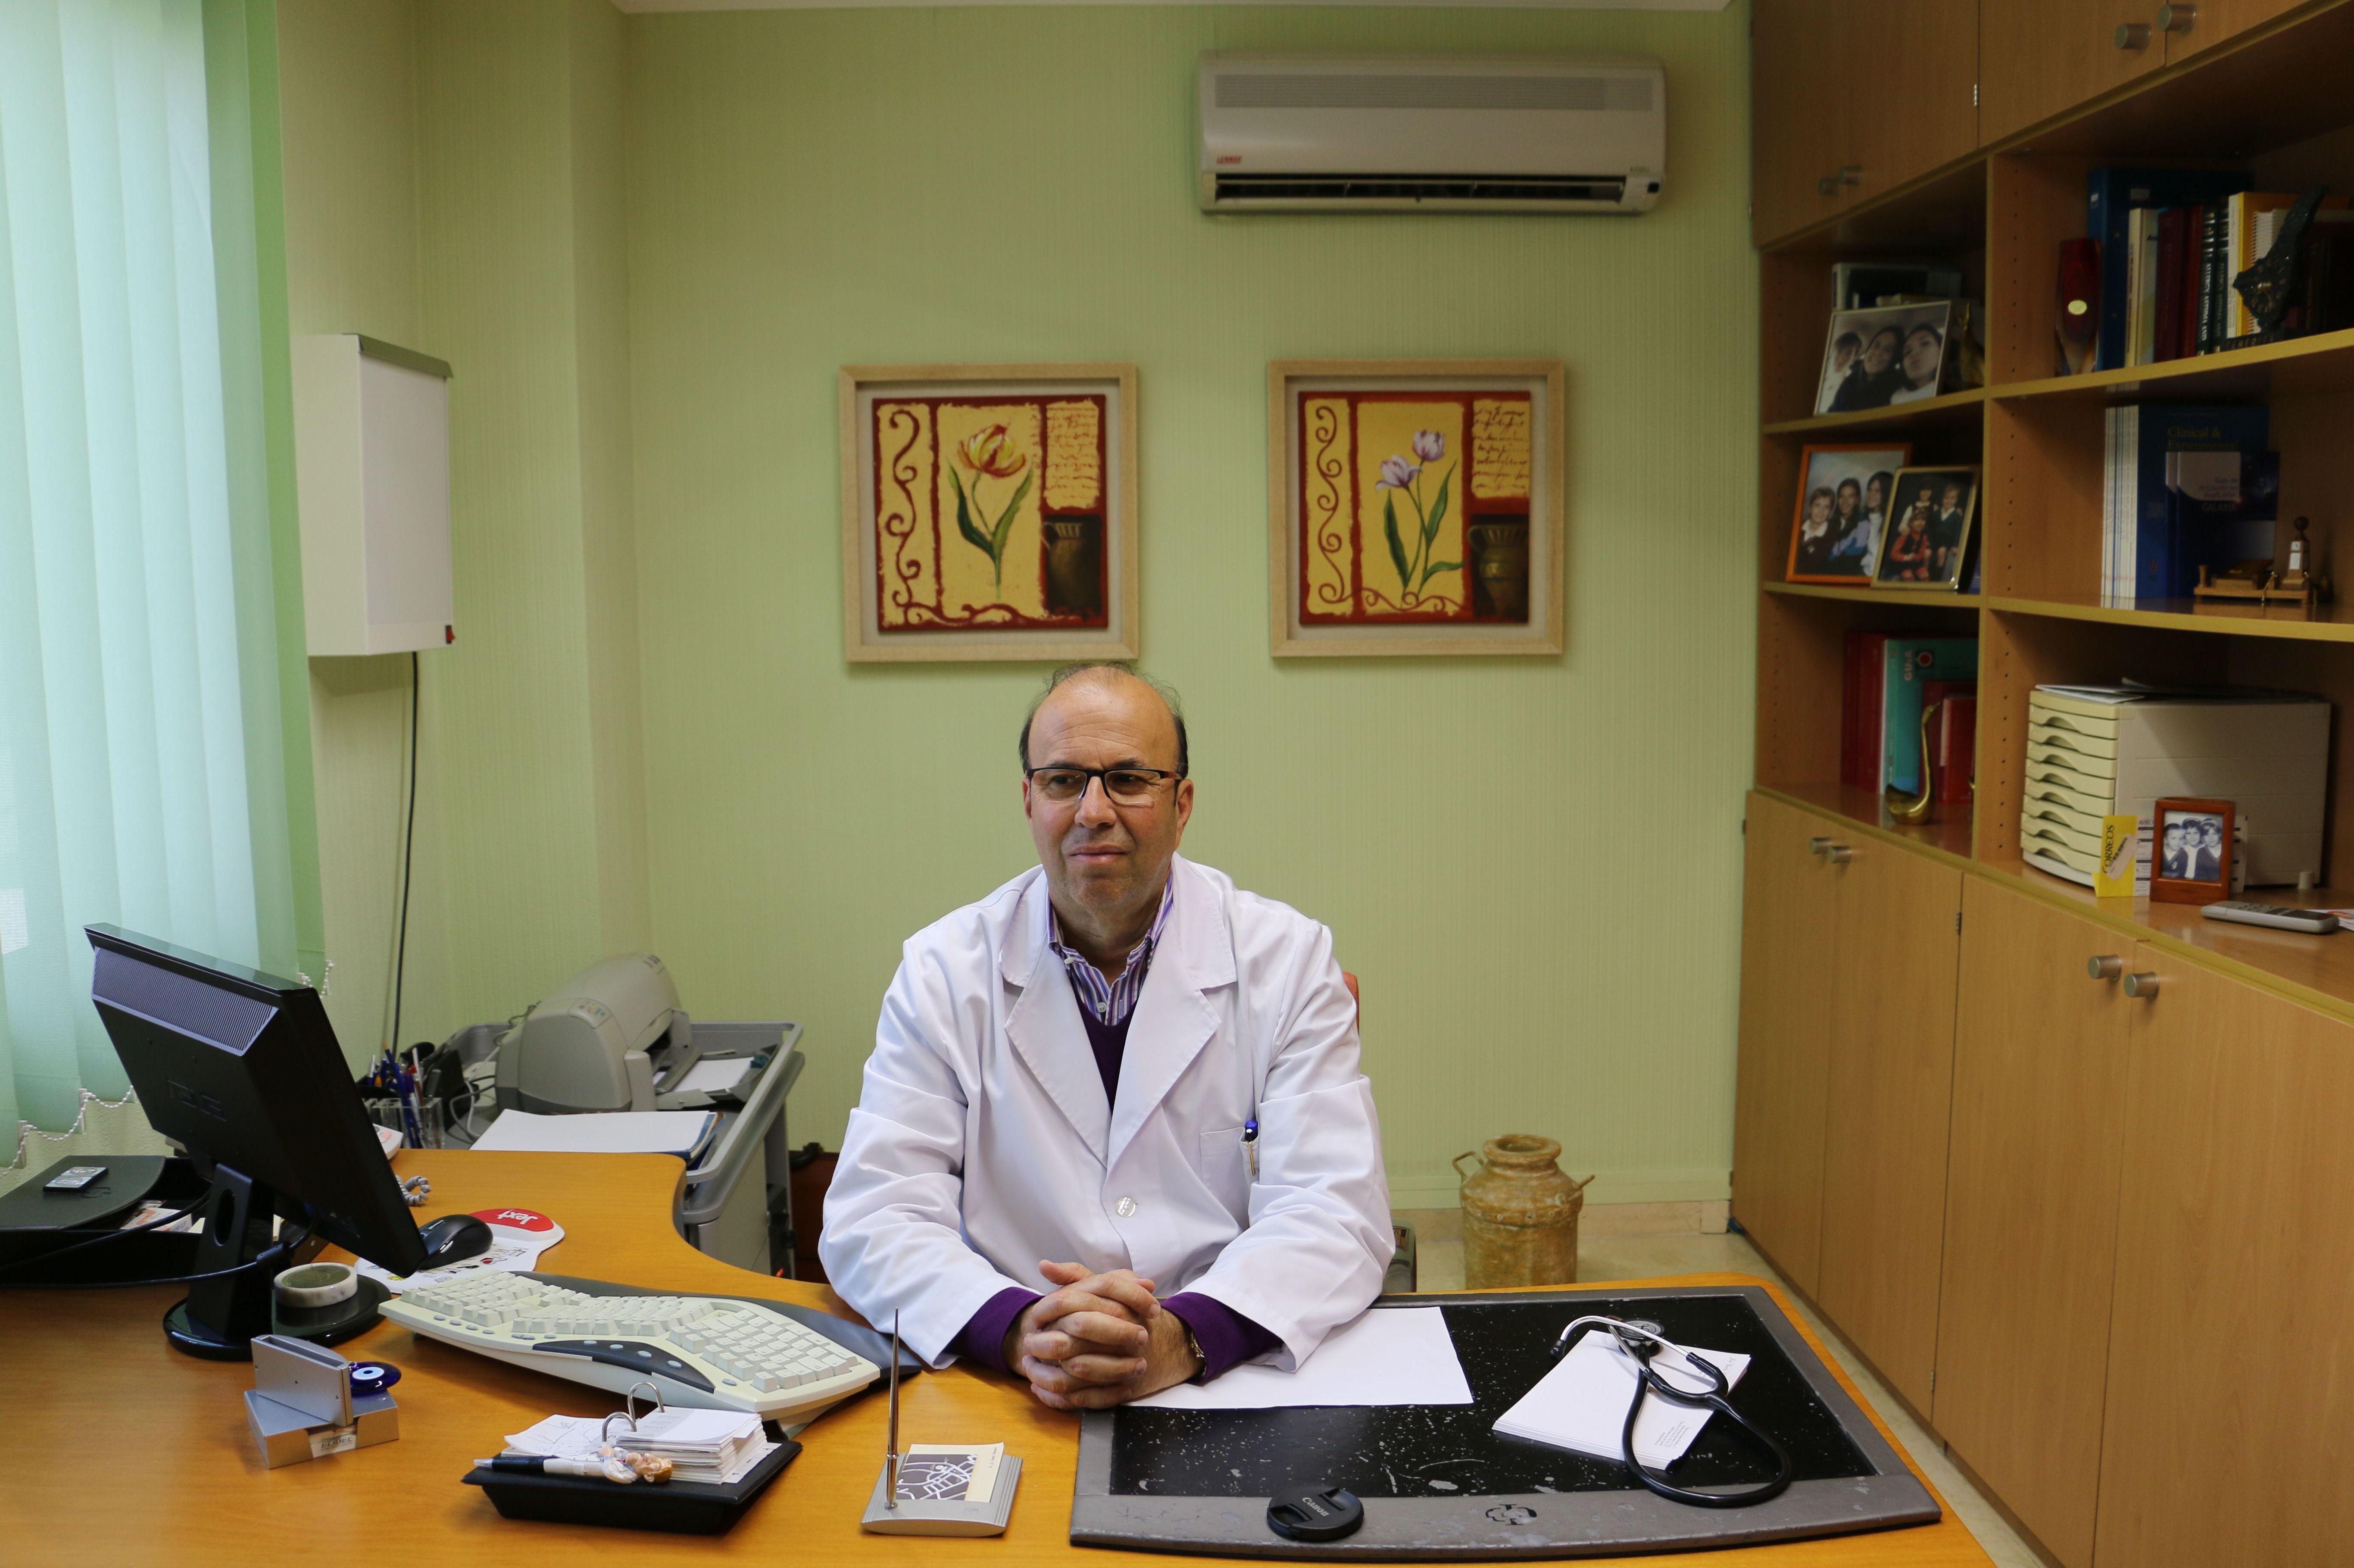 Foto 7 de Especialistas en alergología en Santa Cruz de Tenerife | Dr. García Robaina Alergólogo